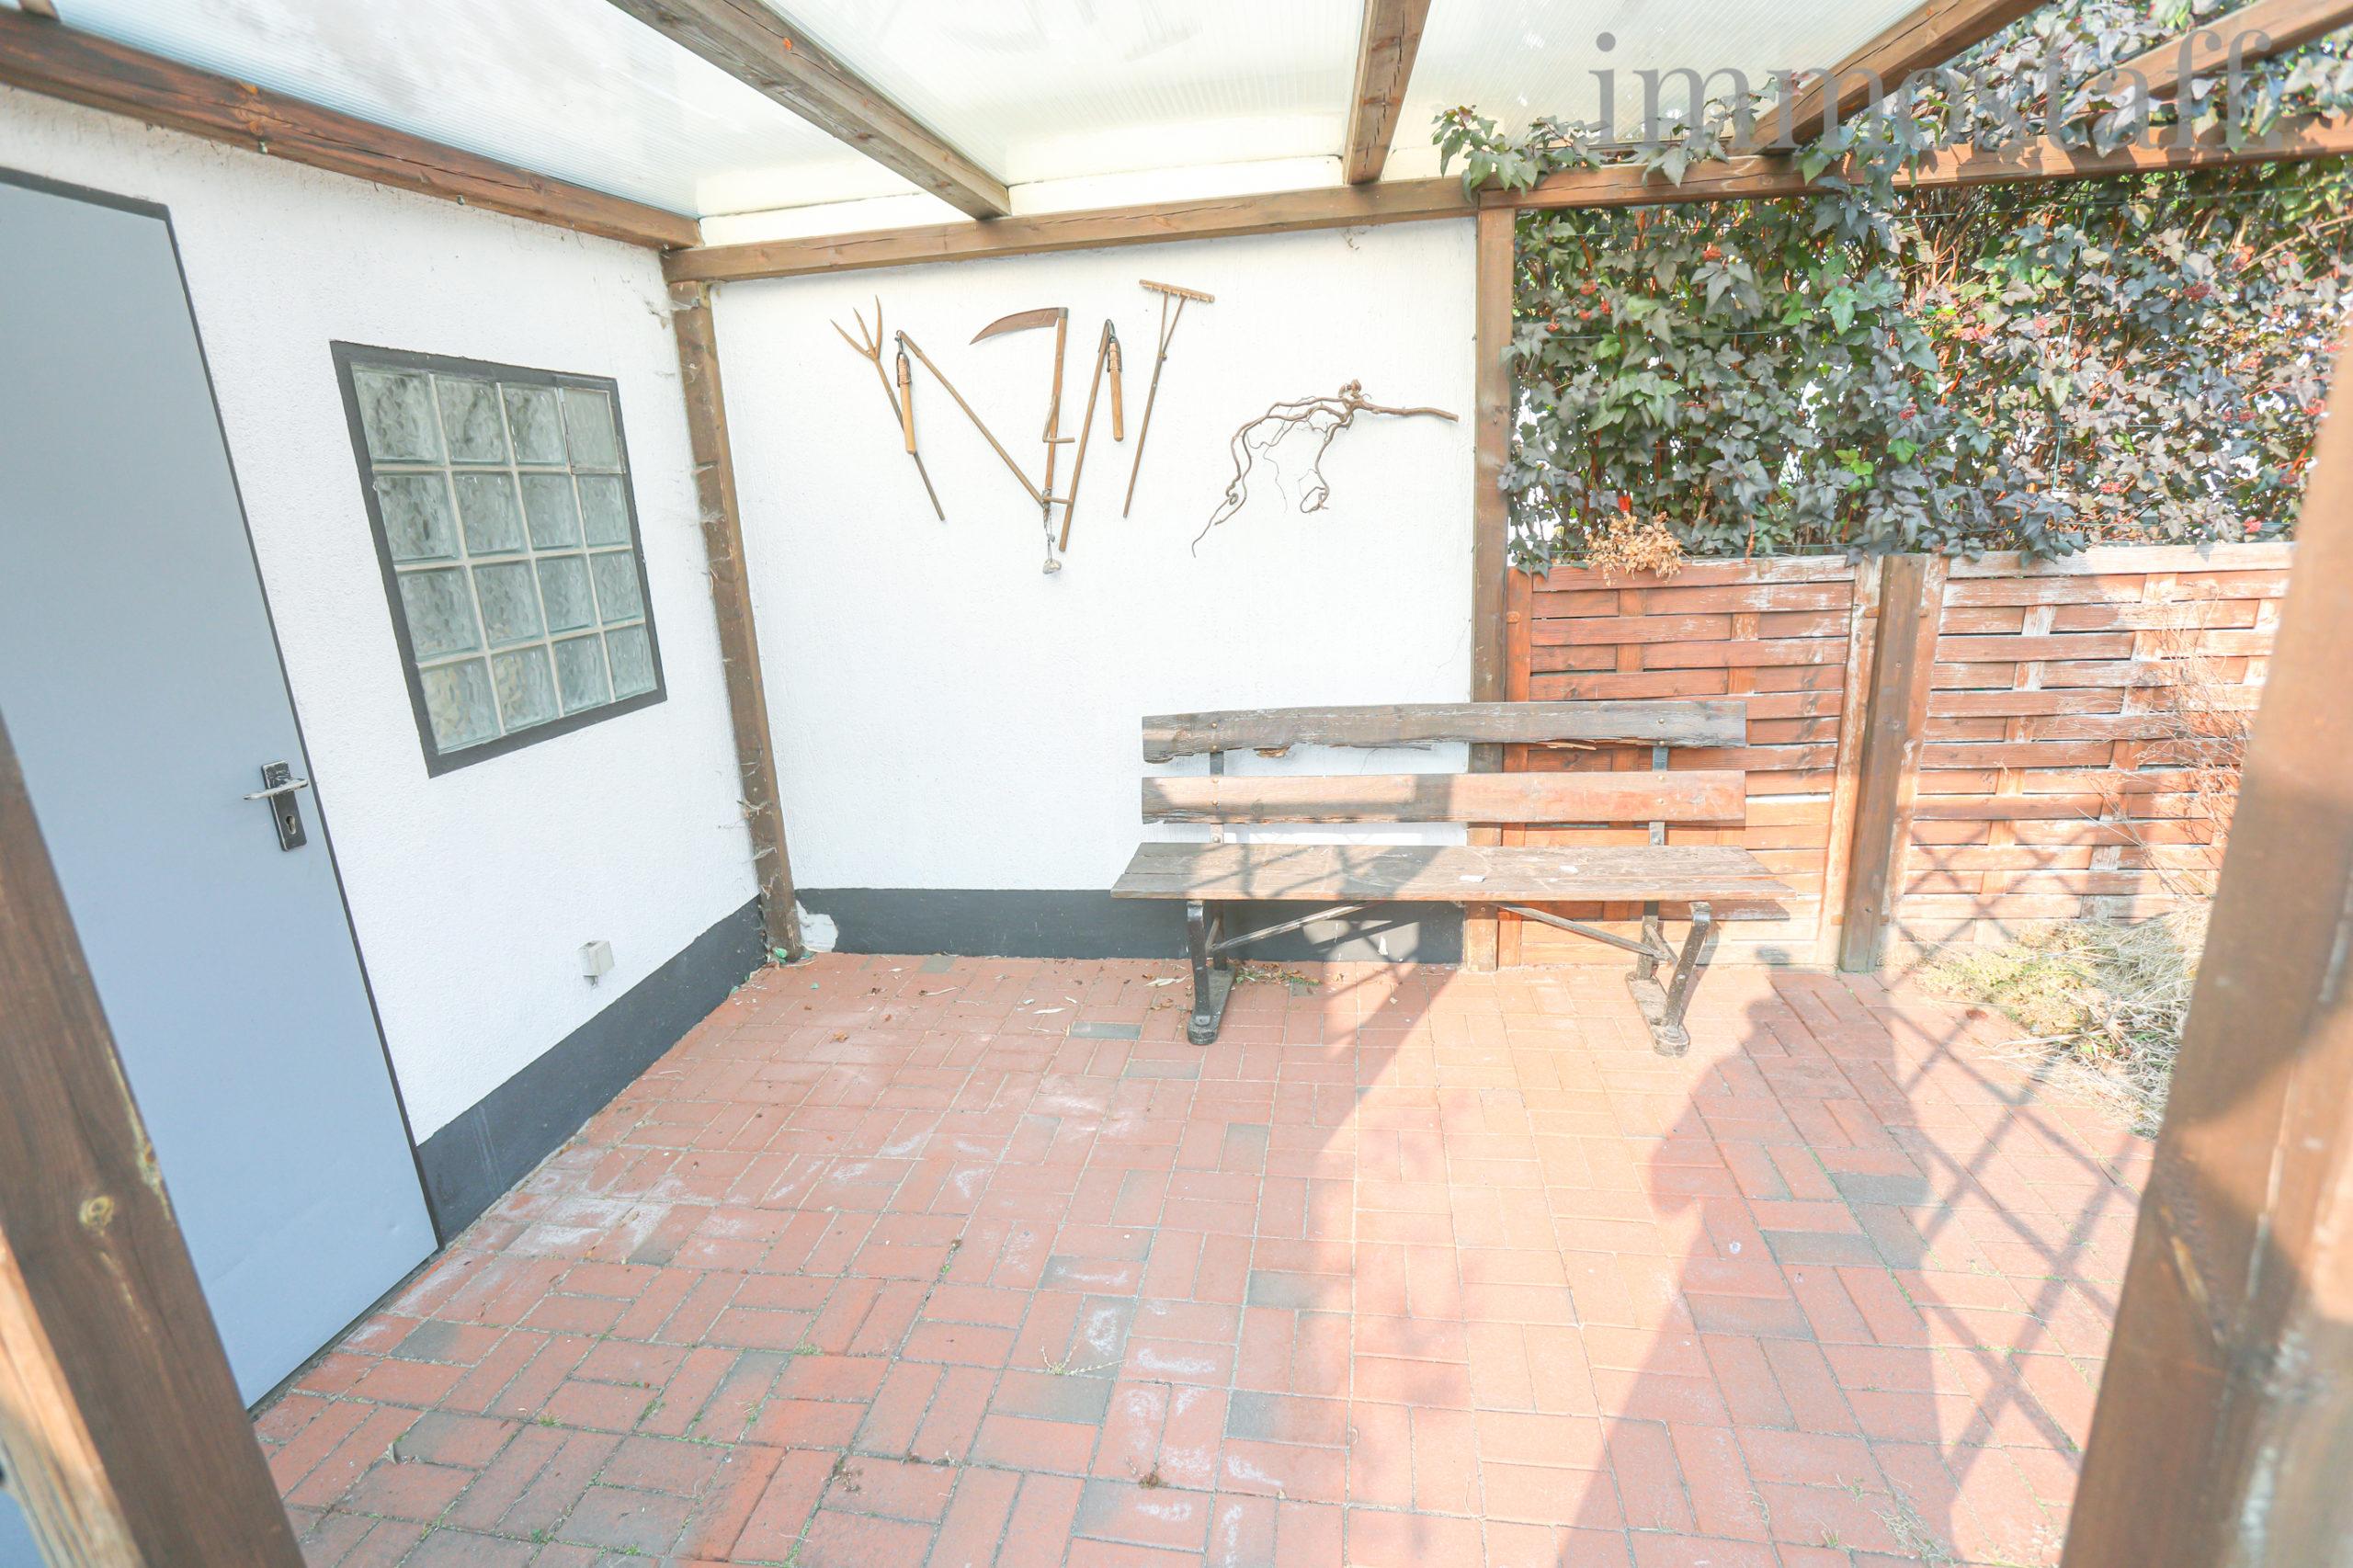 Terrasse im Garten, Ansicht 2